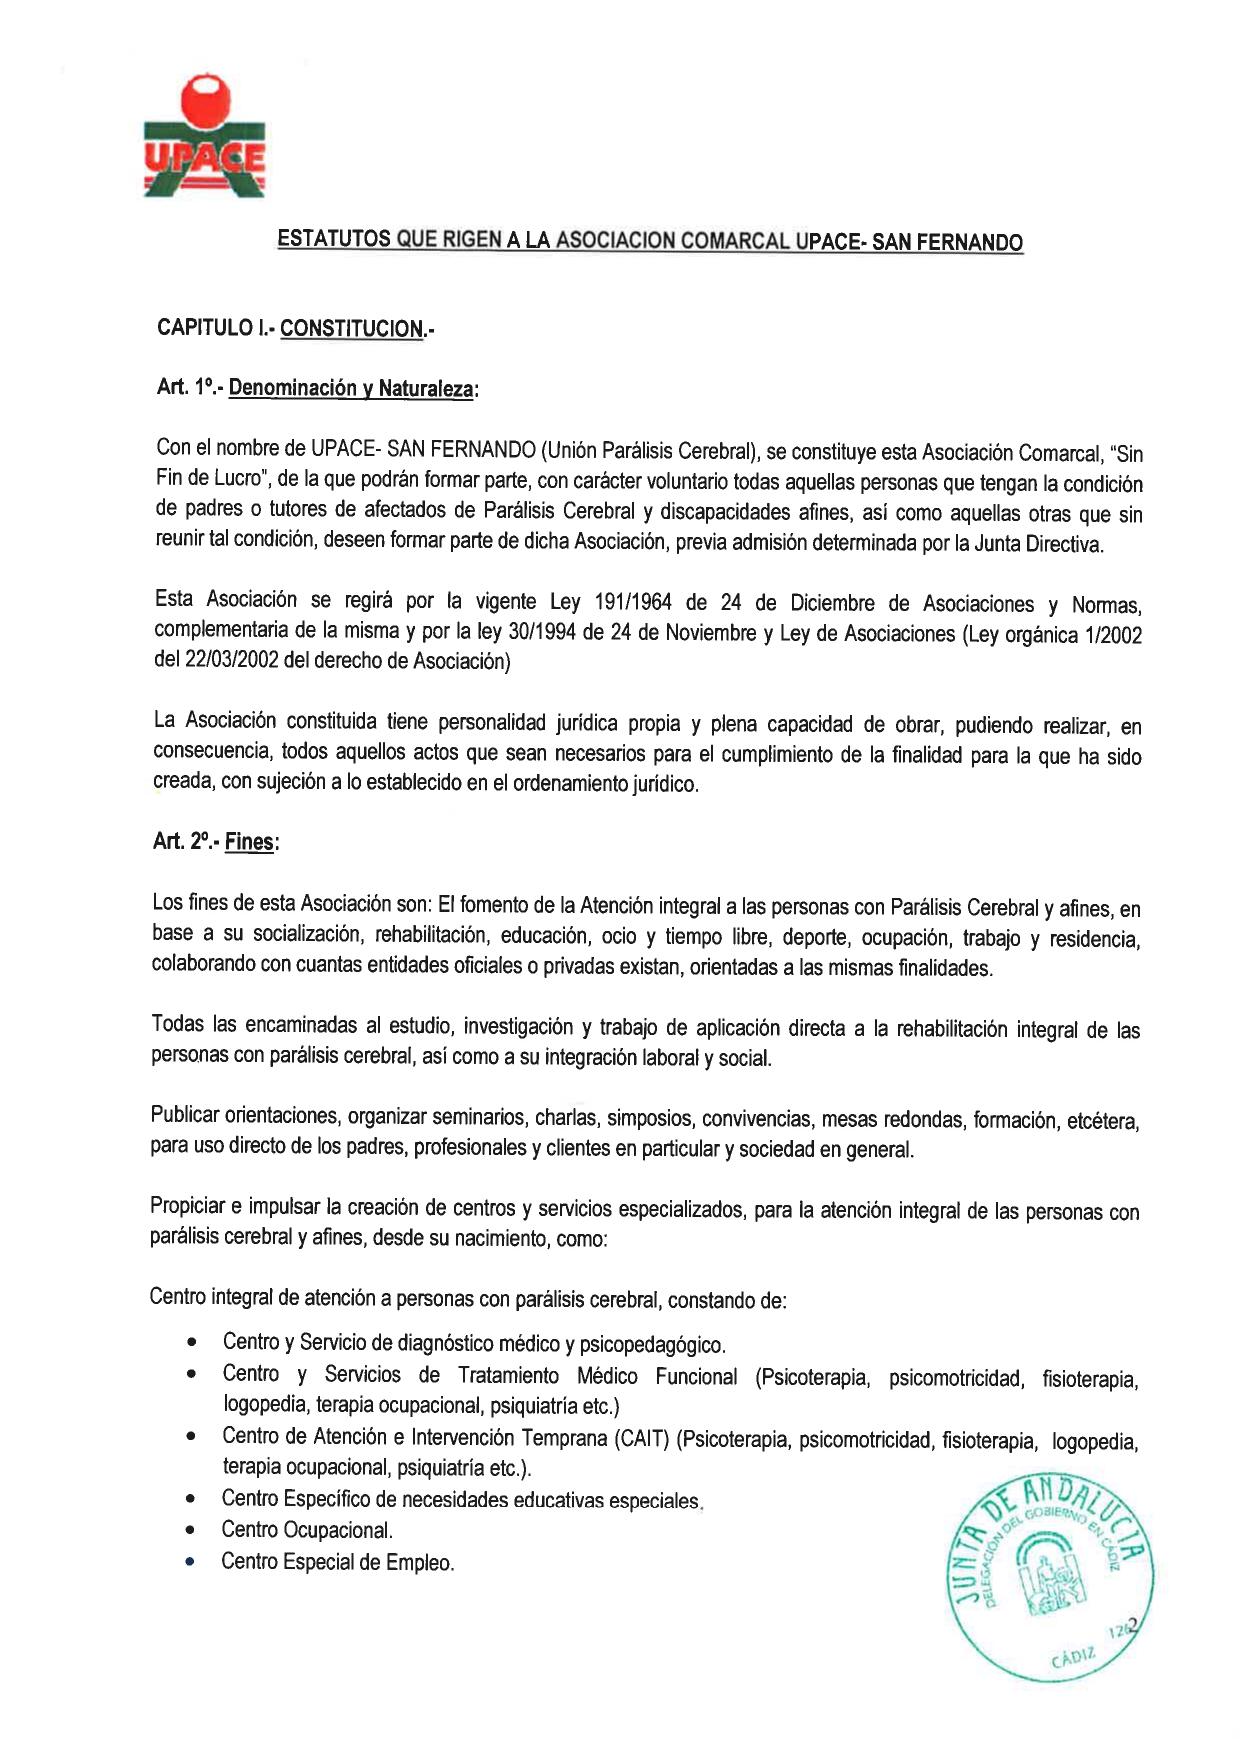 ESTATUTOS-19-06-2014_page-0002